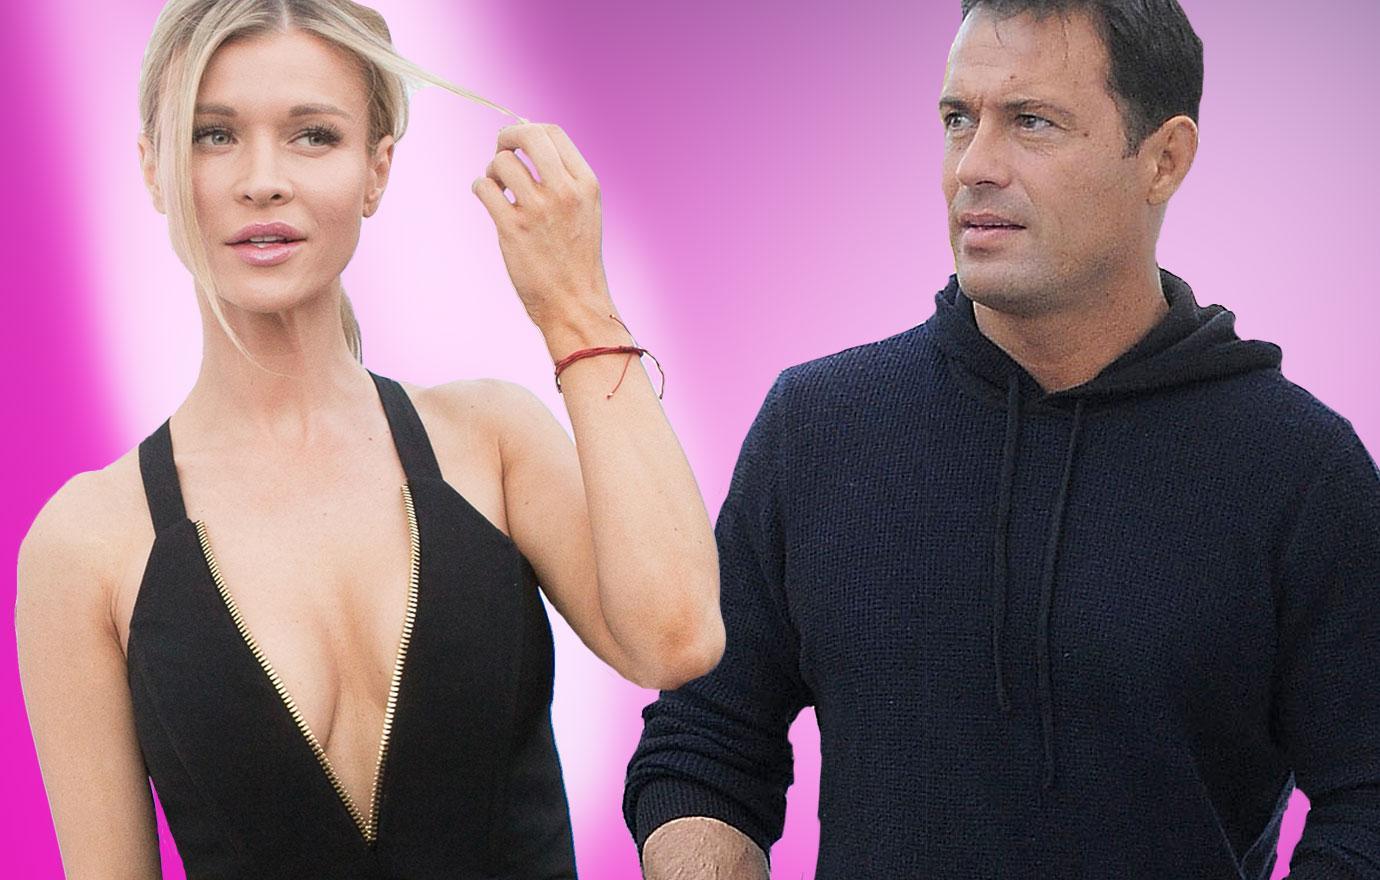 Romain Zago Swears Joanna Krupa's Vagina Smells Amazing